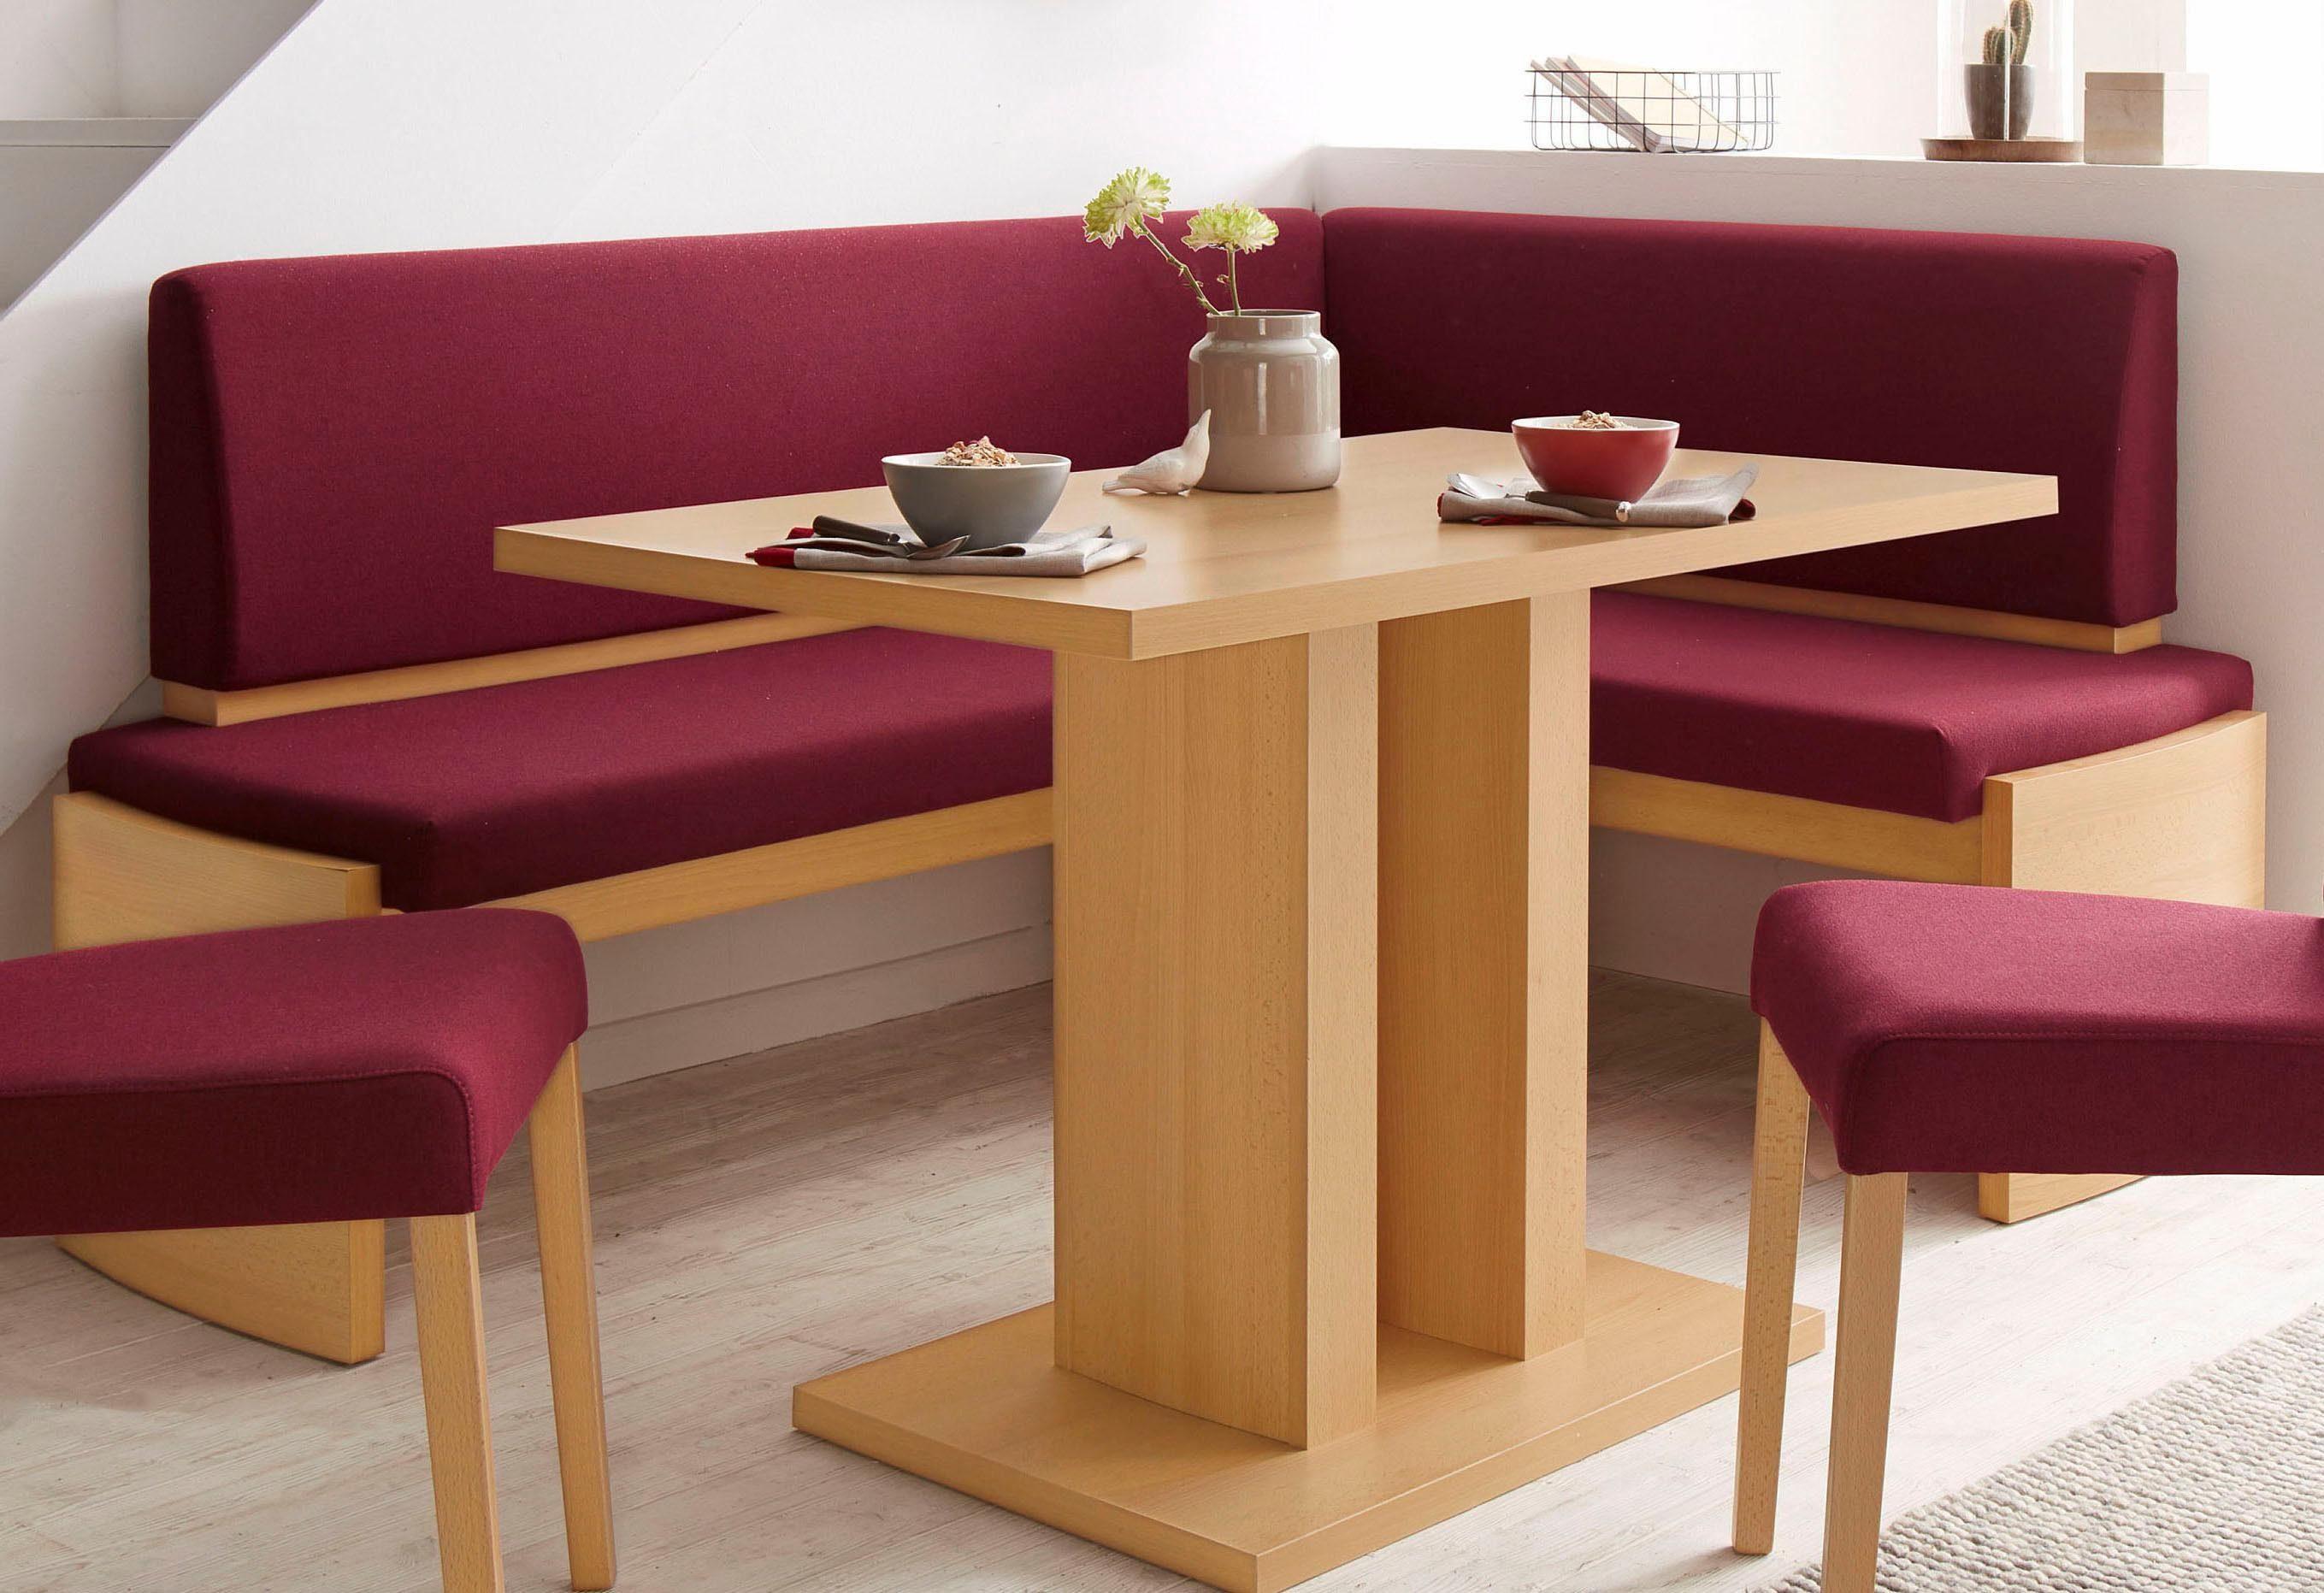 holz eckbank k che gebraucht k chentisch und st hle. Black Bedroom Furniture Sets. Home Design Ideas